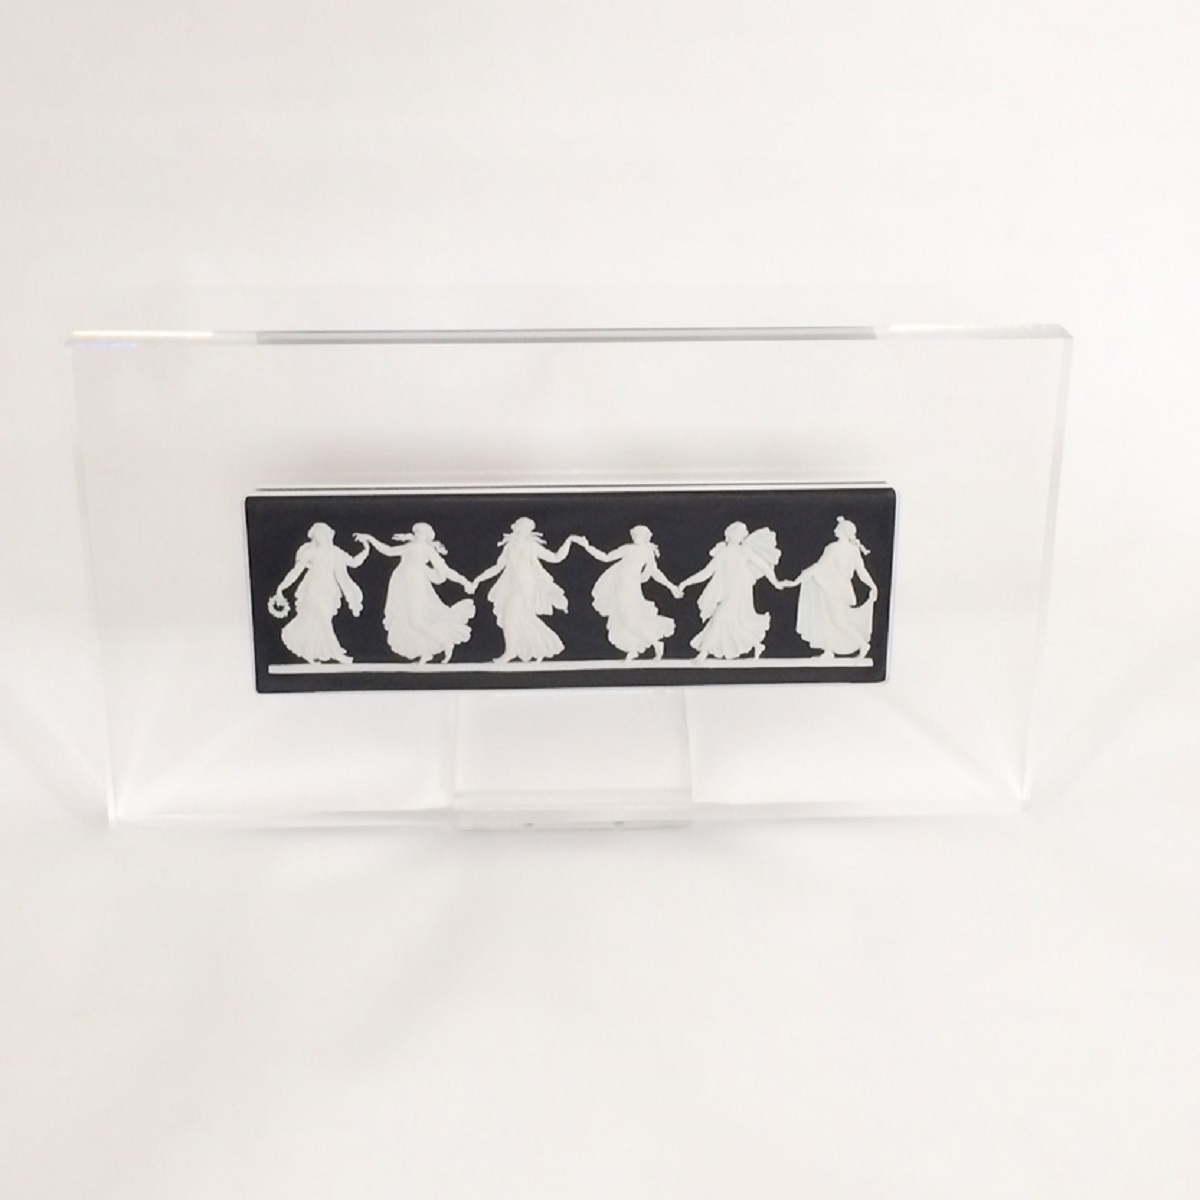 ウェッジウッド WEDGWOOD Dancing Hours Plaque ジャスパー 陶板 ブラック×ホワイト スタンド付き 新品同様品 【トレジャースポット】【中古】